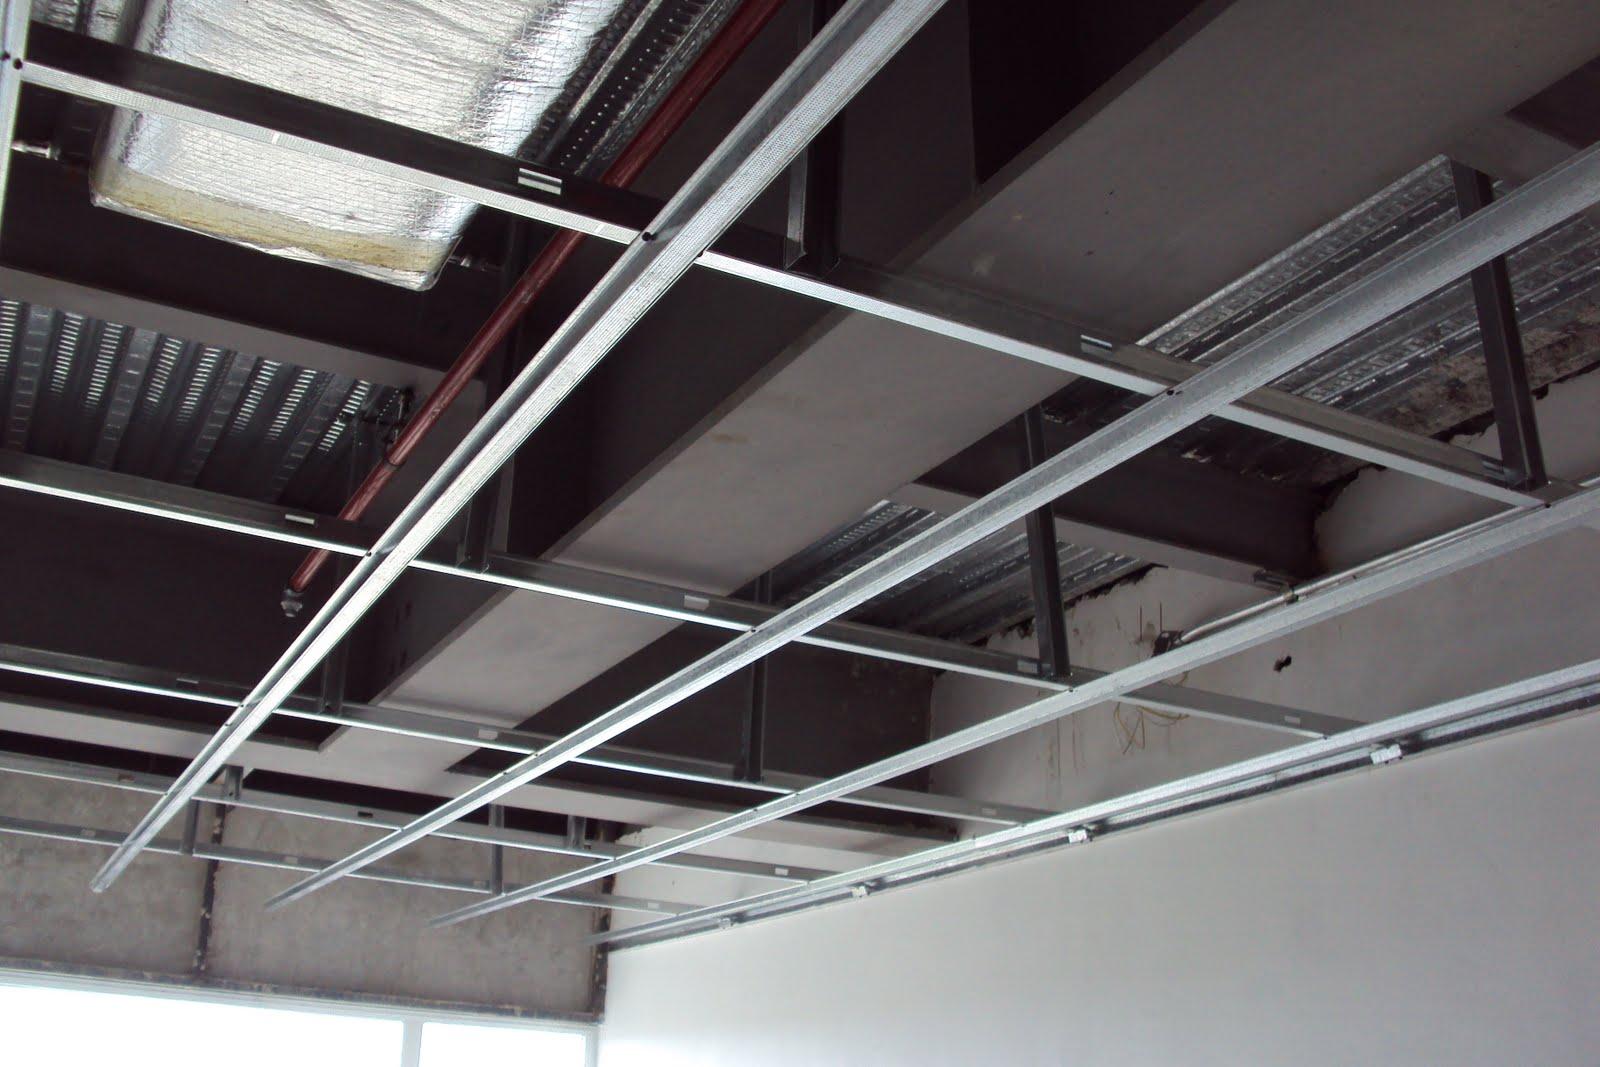 Instalacion de estructura techos de drywall habs 201 207 for Techos en drywall para habitaciones